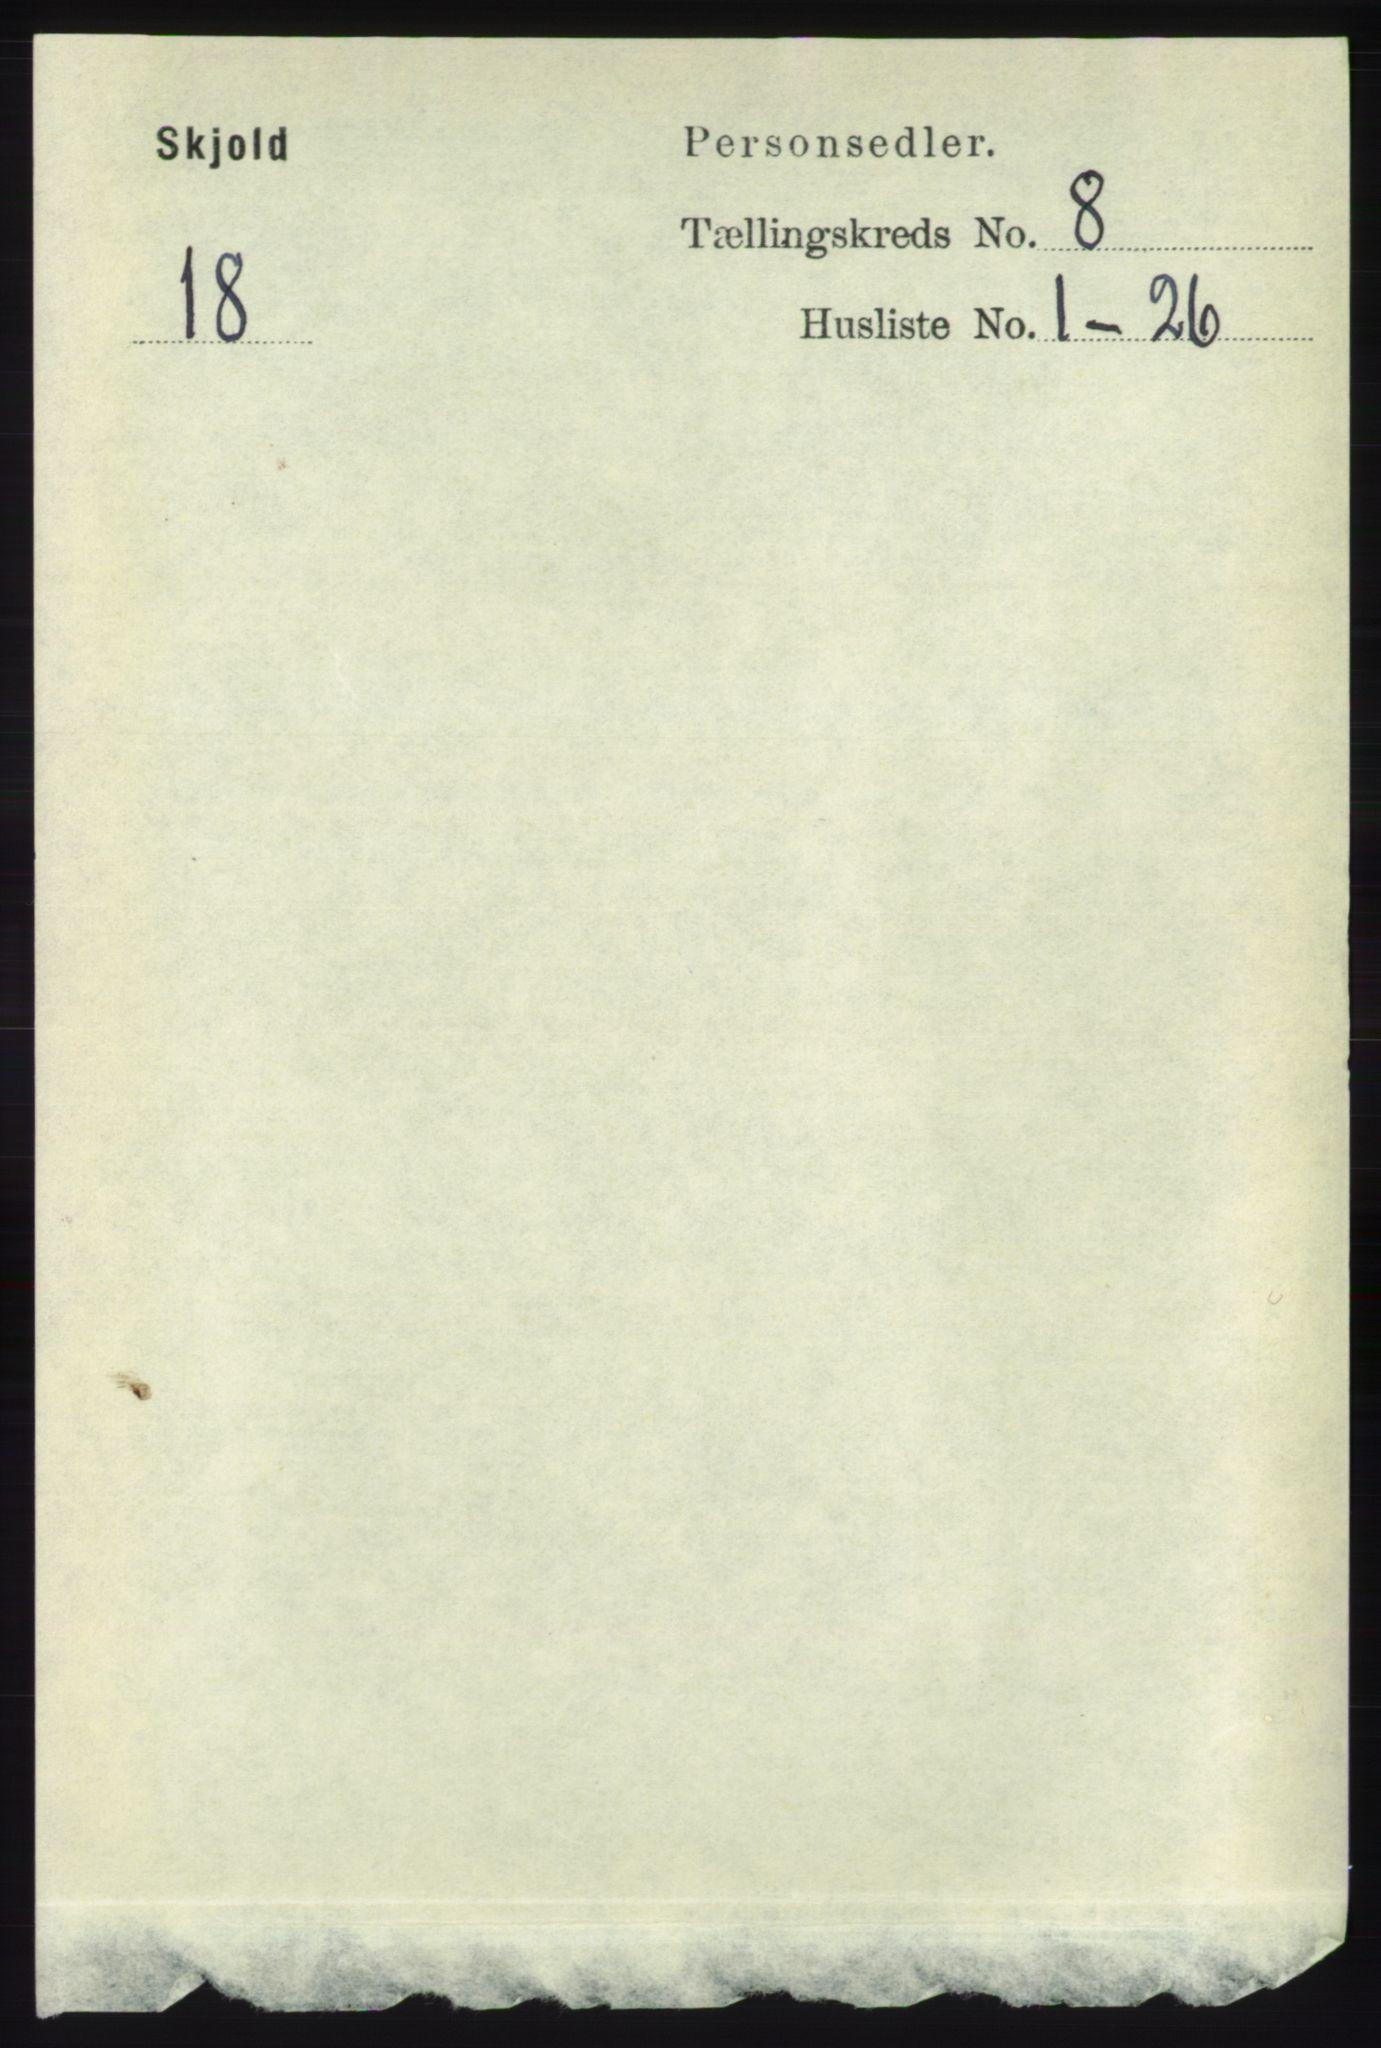 RA, Folketelling 1891 for 1154 Skjold herred, 1891, s. 1596